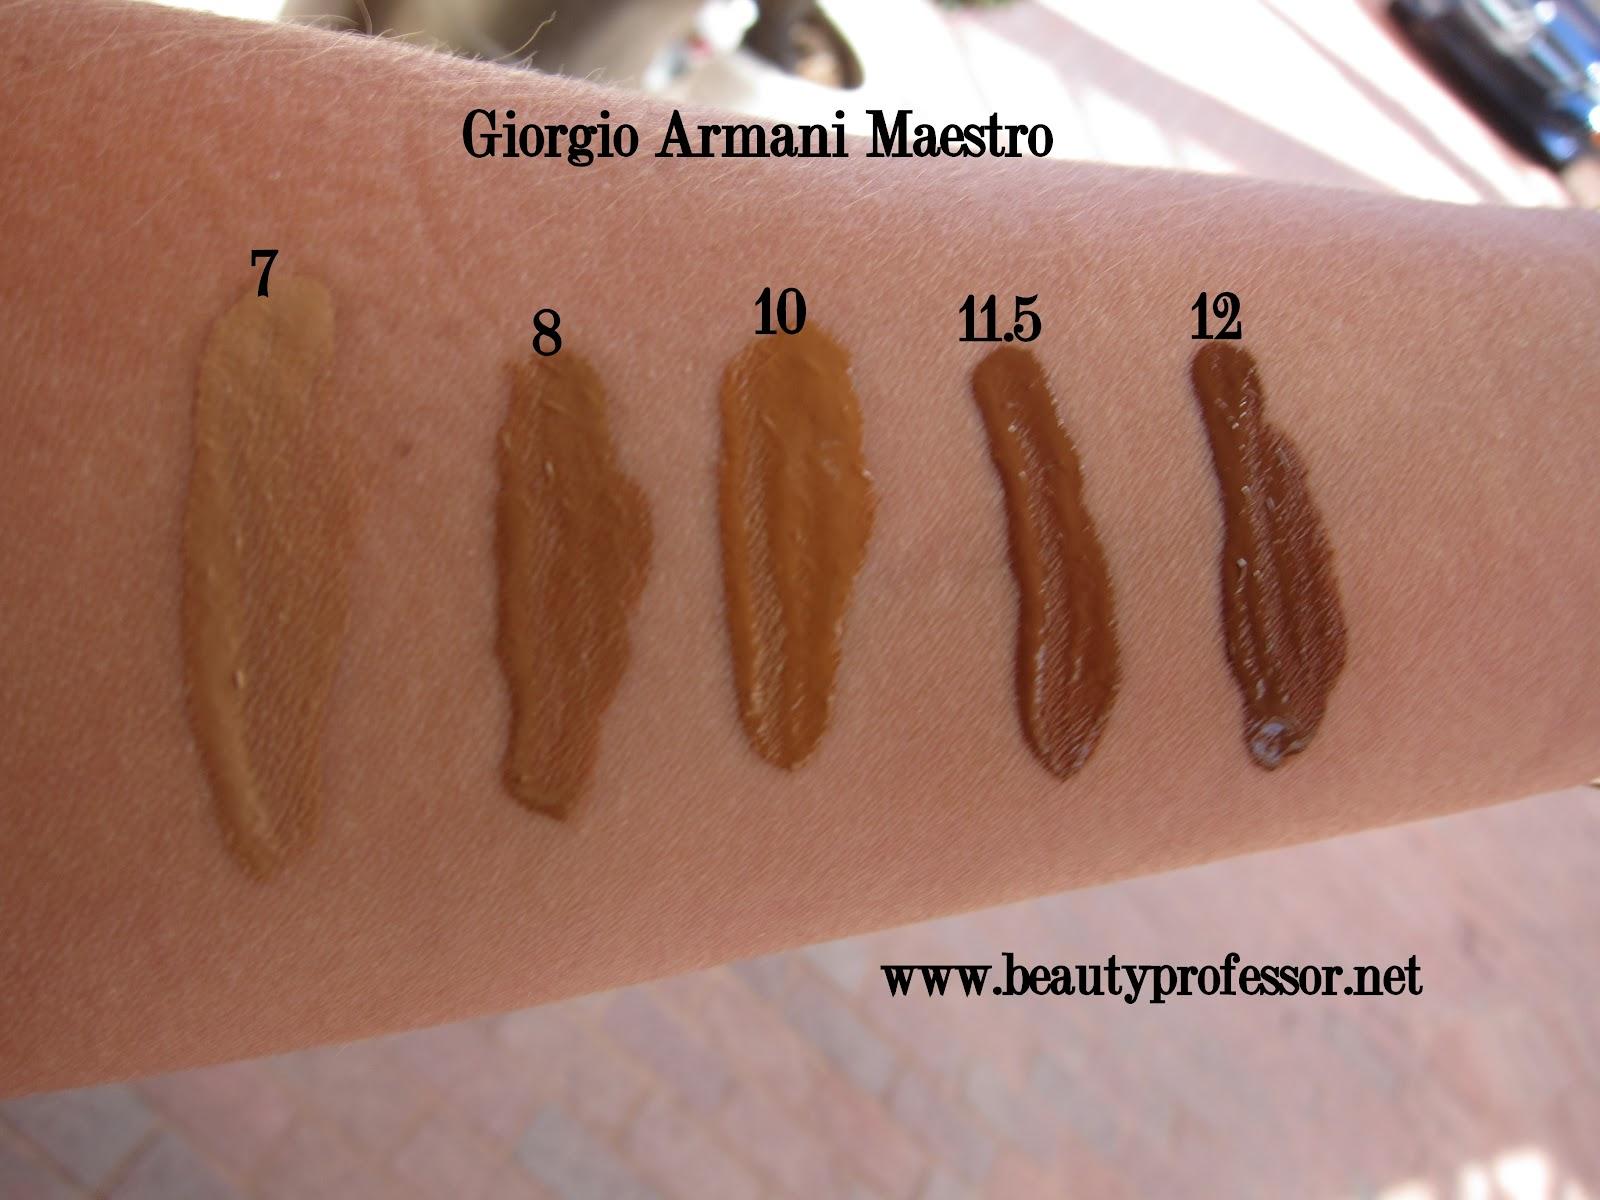 Beauty Professor Giorgio Armani Maestro Fusion Makeup